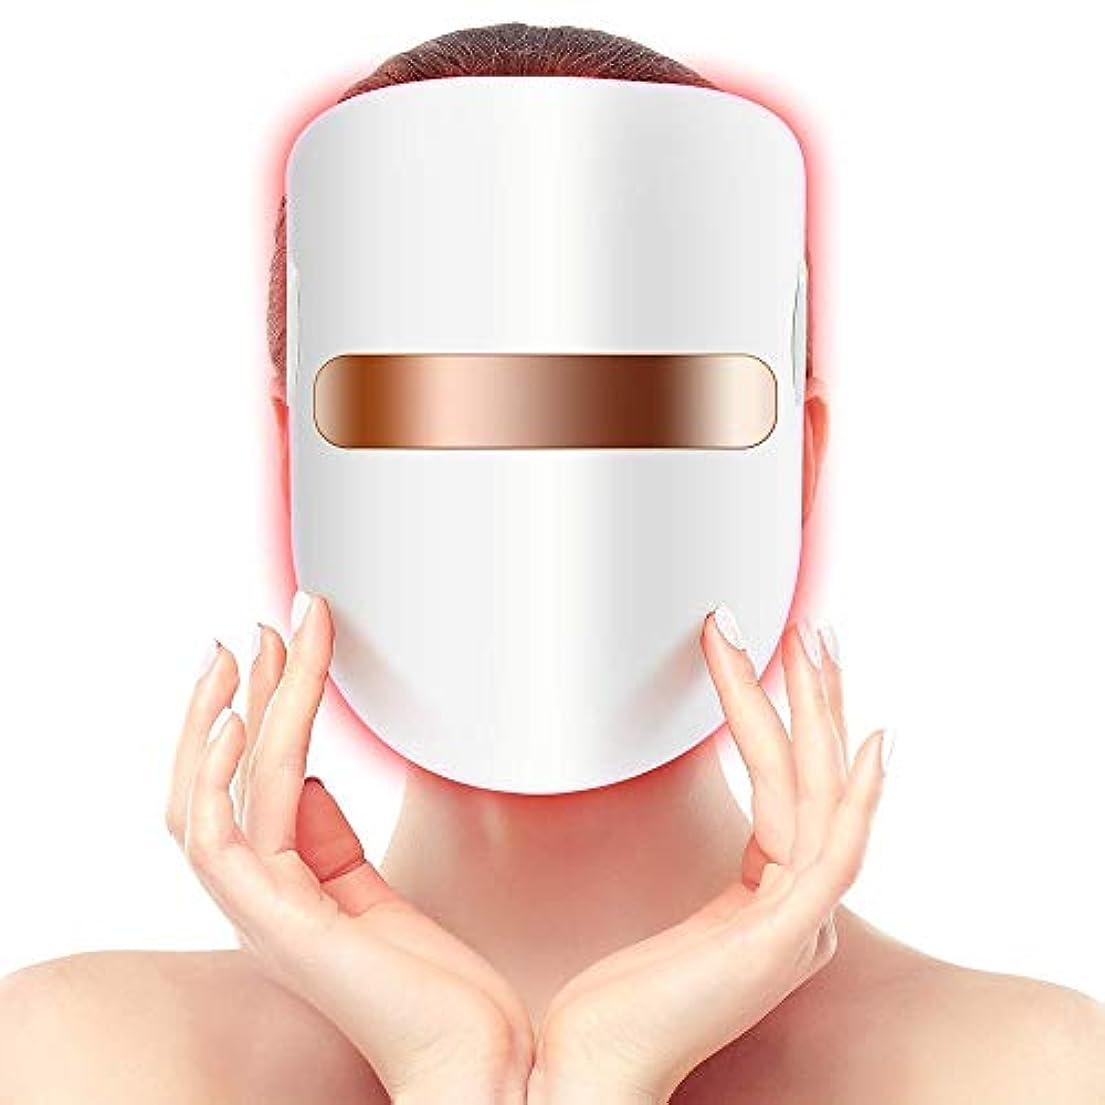 はず錫工業化する光療法にきび治療ledマスク療法無制限セッションのためににきび肌治療アンチリンクルホワイトニング肌の若返り楽器